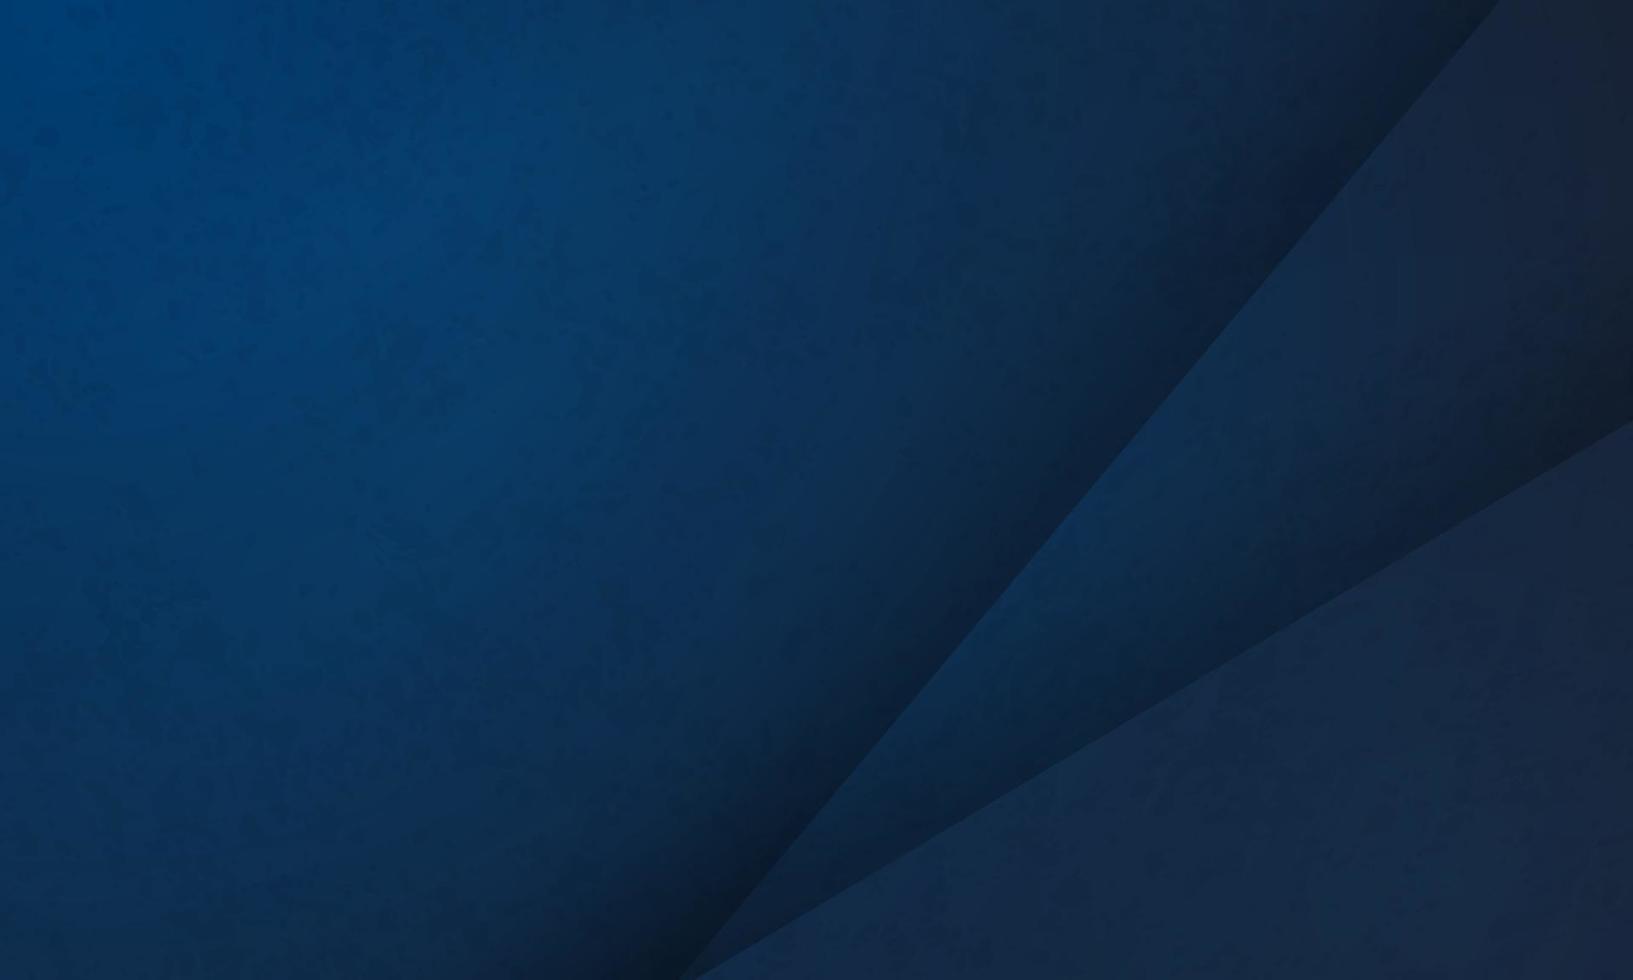 abstrakt blå bakgrundsaffisch med dynamik. teknik nätverk vektorillustration. vektor